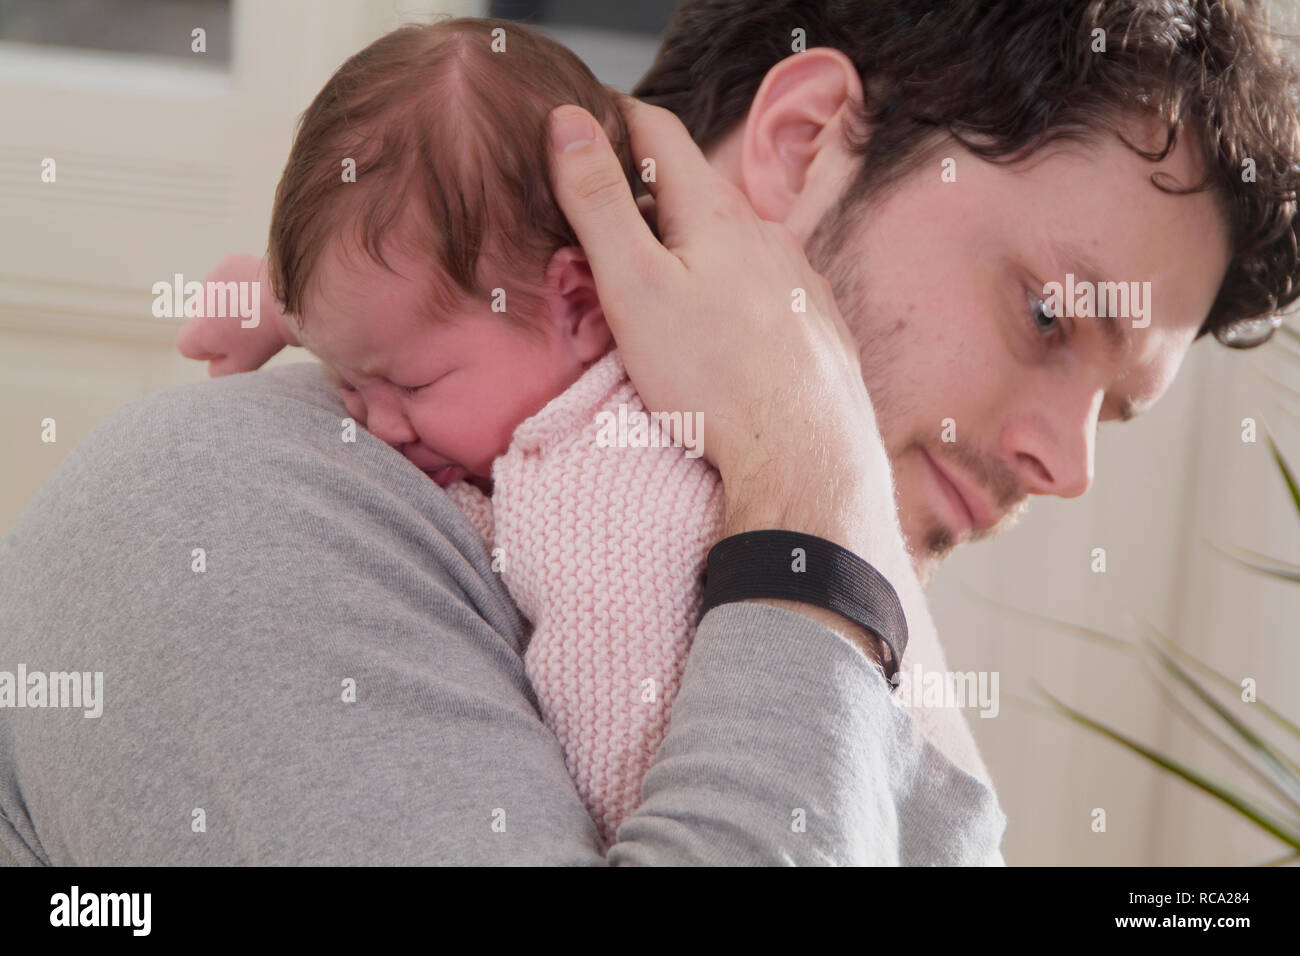 Junger hält seine Tochter neugeborene im, brazo tipo das ist 12 Tage alt | padre joven sosteniendo a su bebé recién nacido en sus brazos - el bebé ist 12 días de antigüedad. Foto de stock